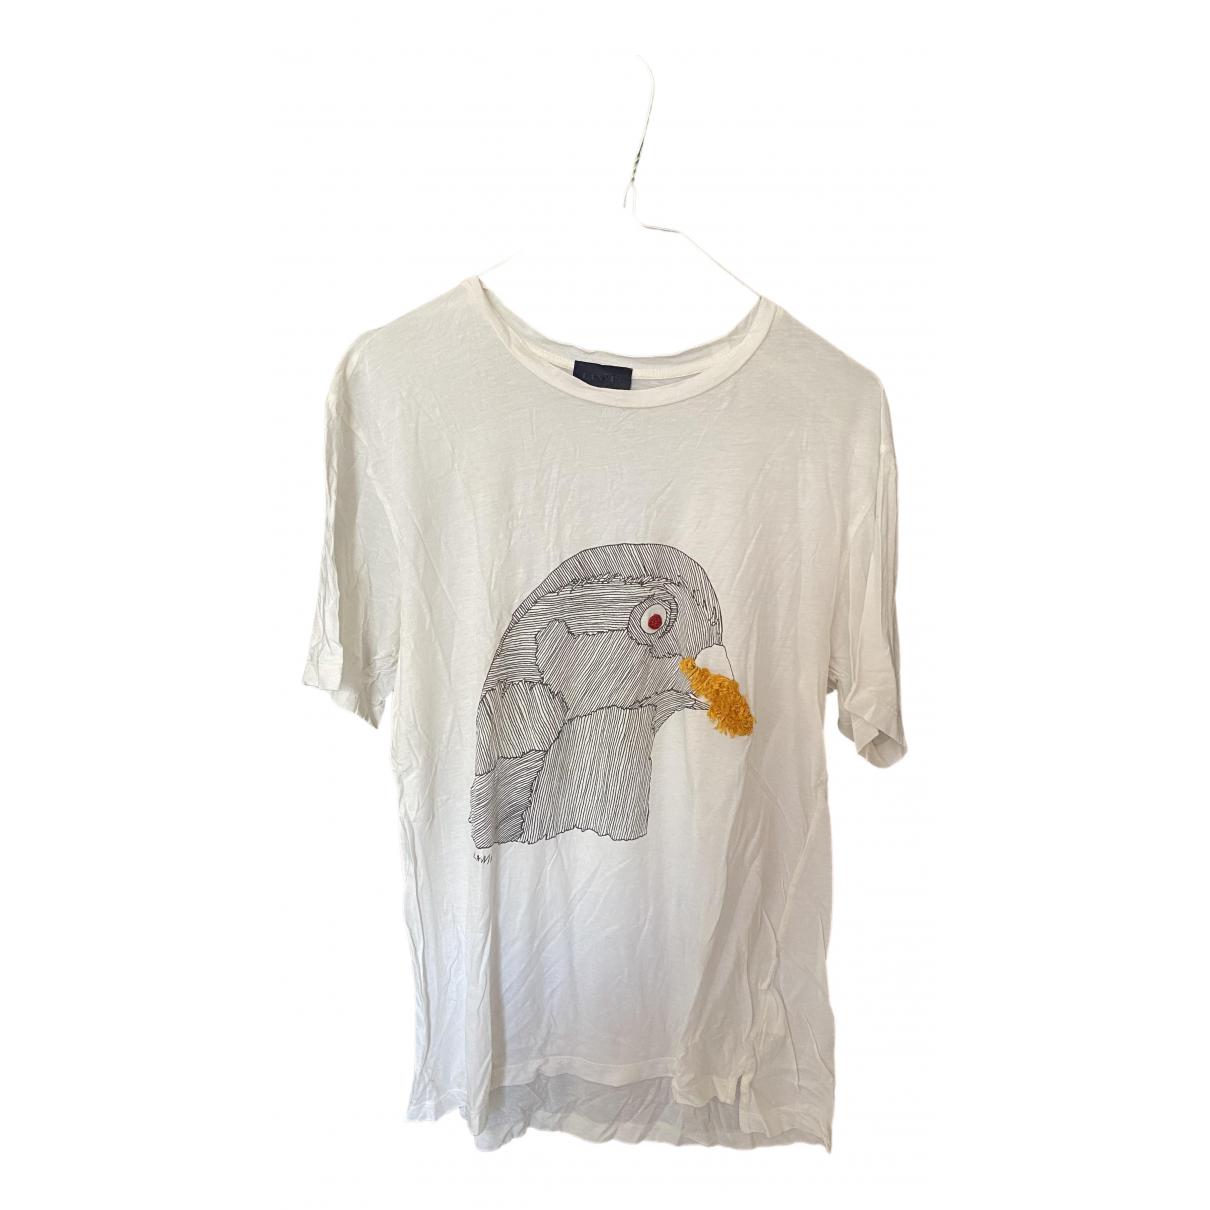 Lanvin - Tee shirts   pour homme en coton - blanc